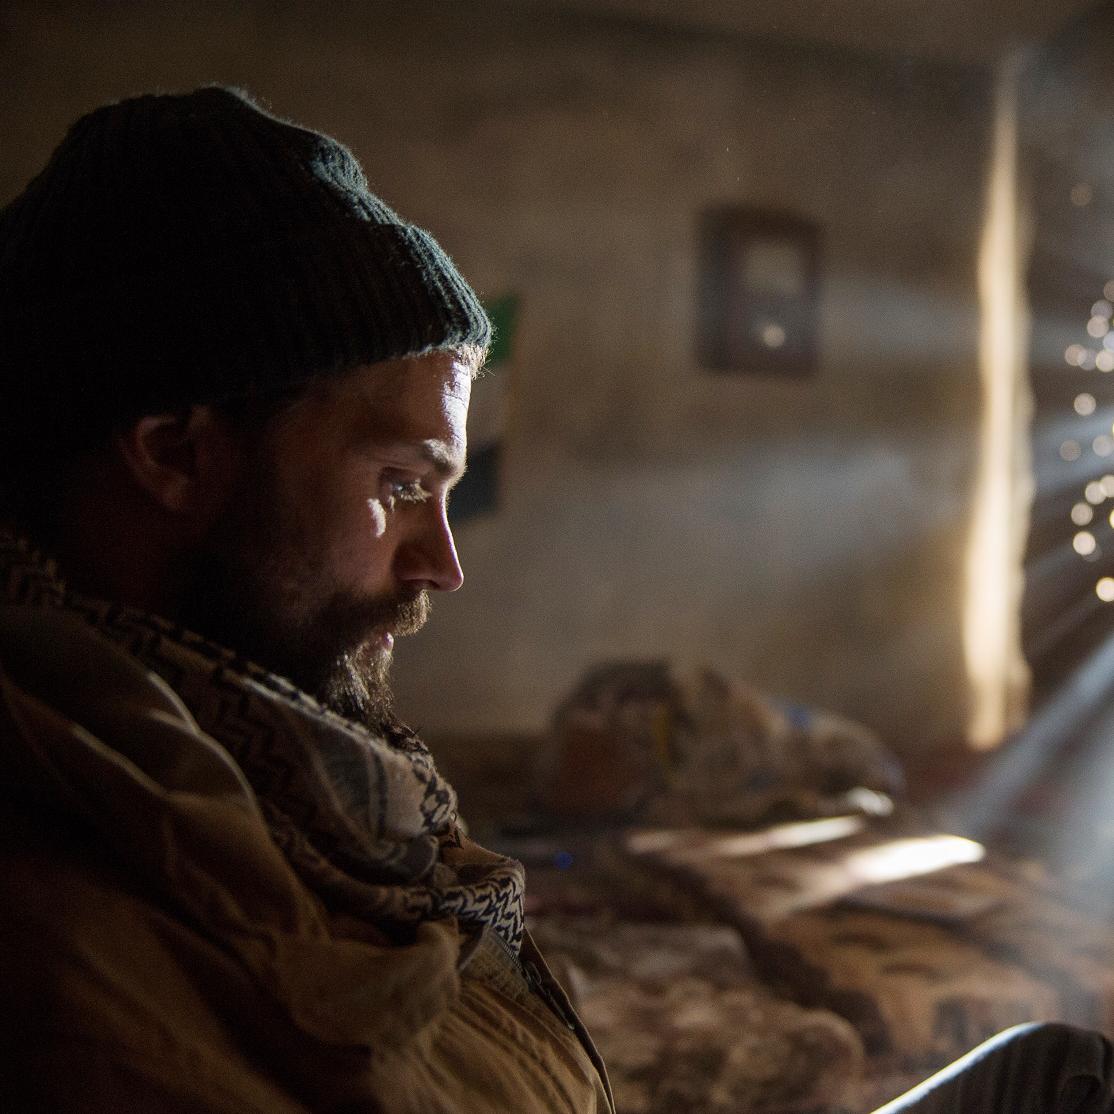 傳奇戰地攝影記者竟成劇照師 傑米道南:「我演的角色正在拍我!」